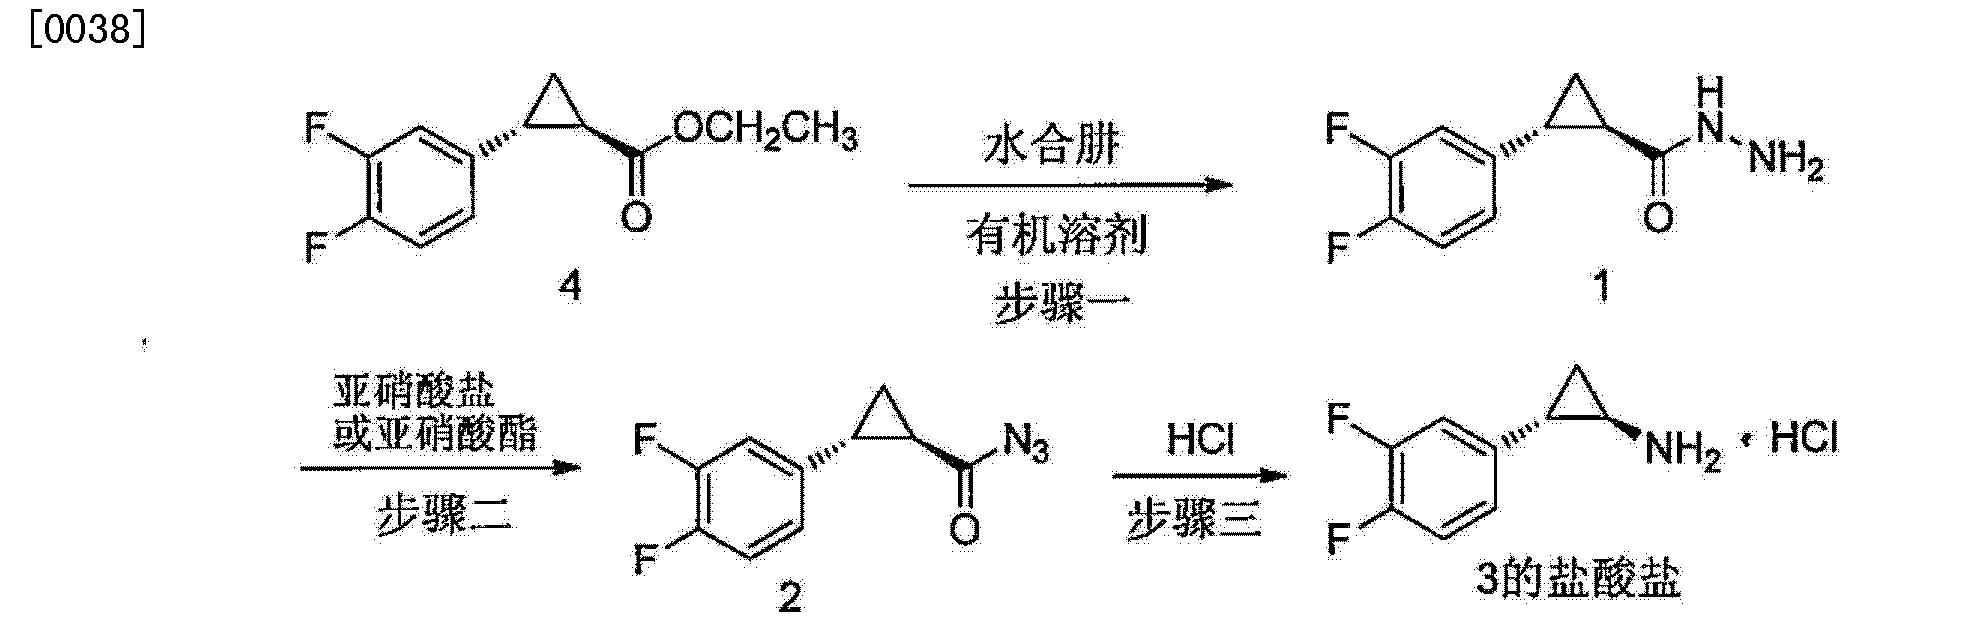 Figure CN103588674BD00063